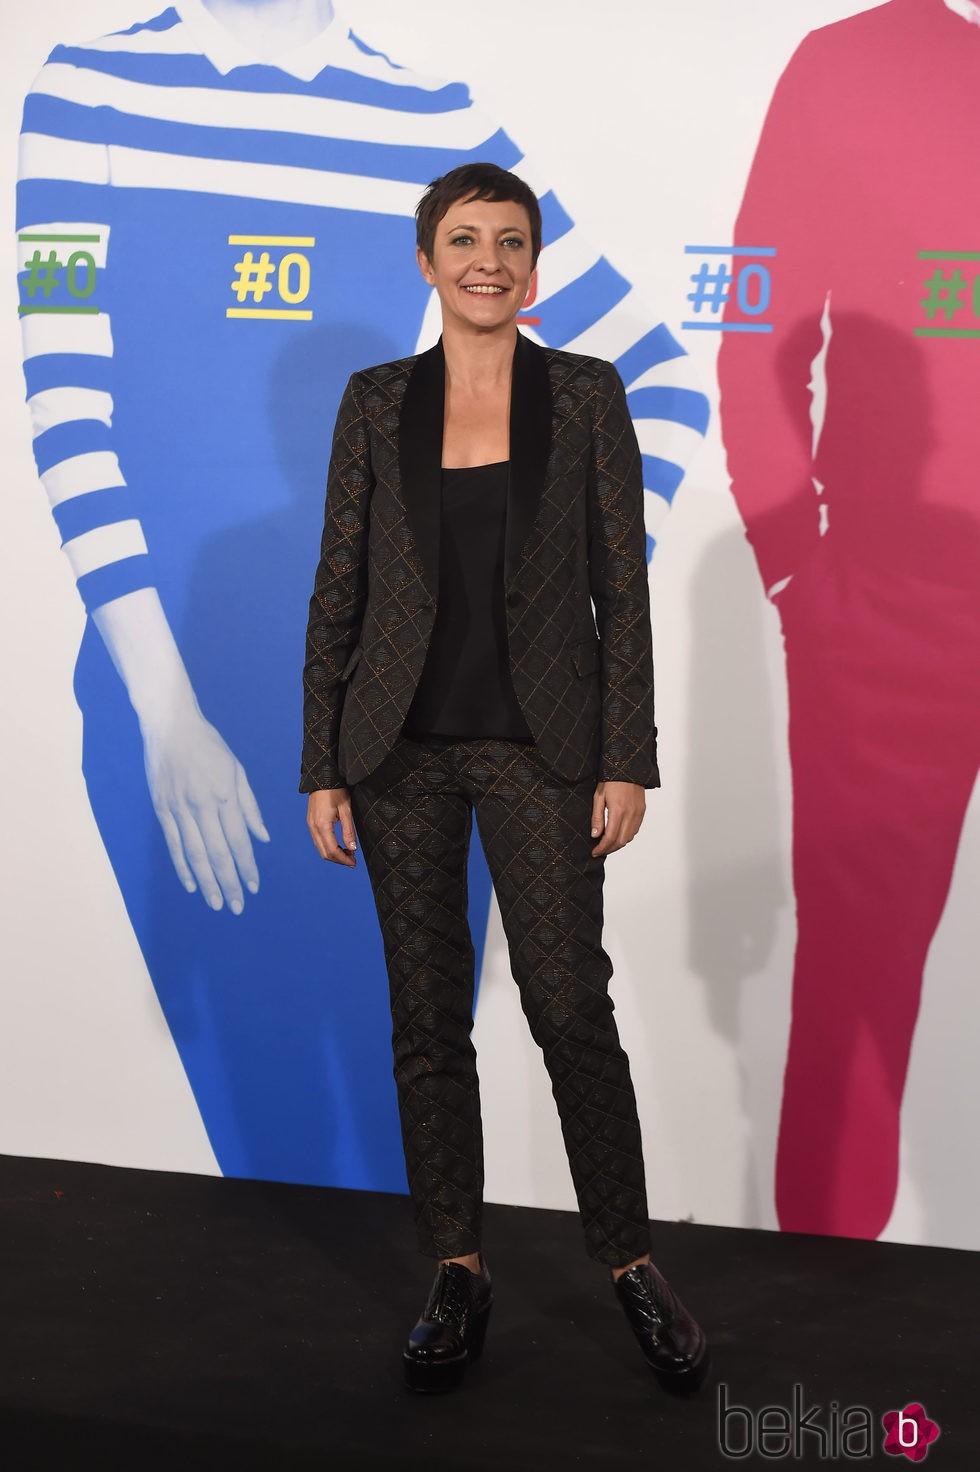 Eva Hache en la presentación del canal #0